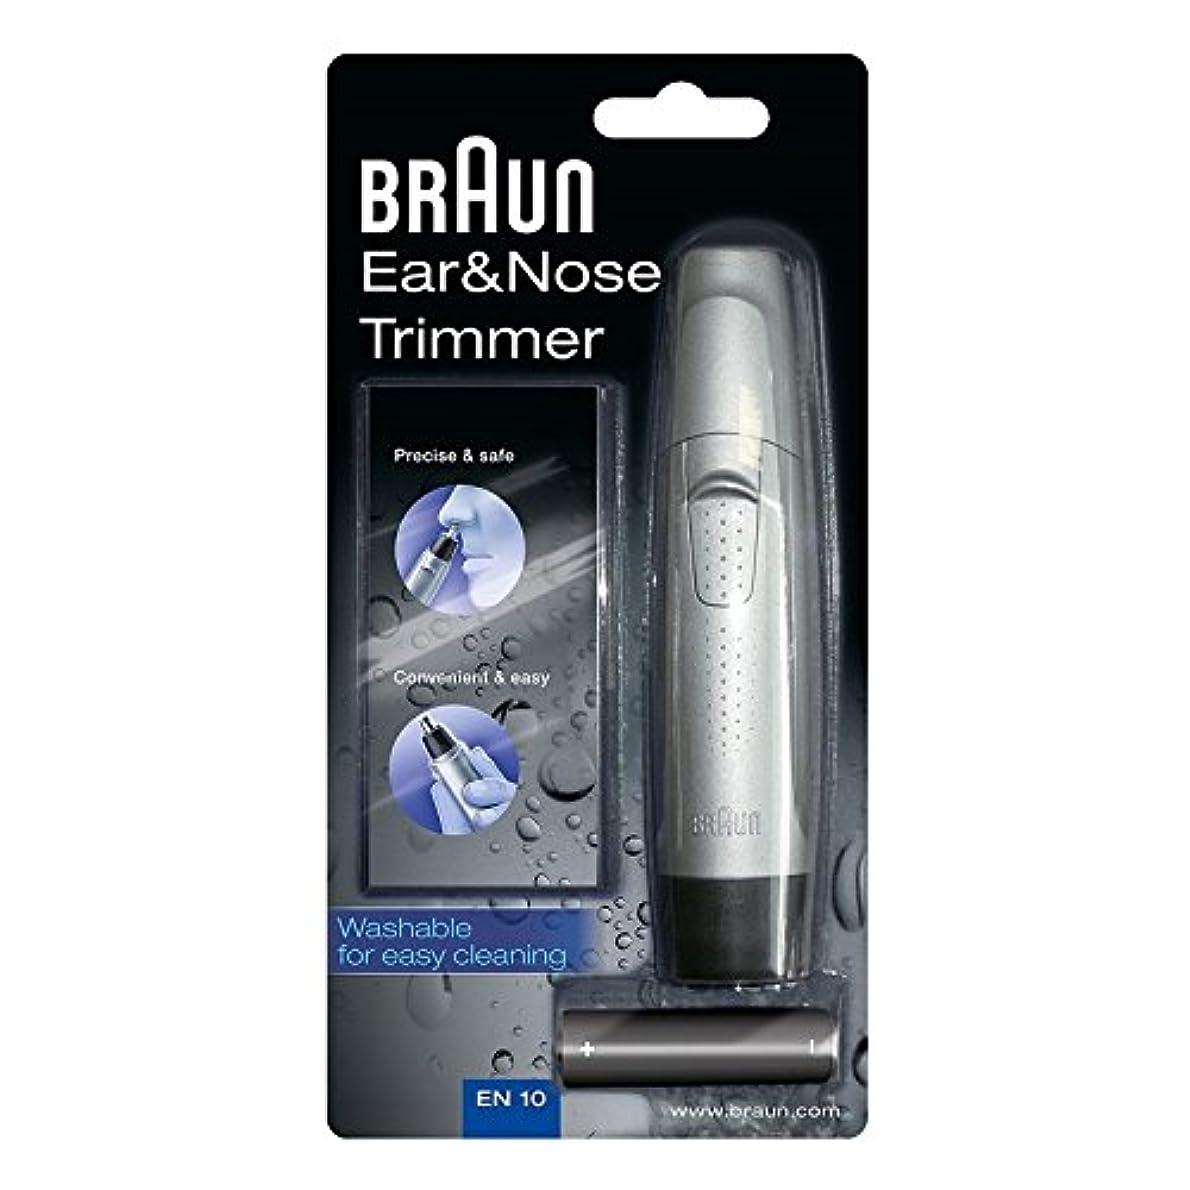 祝福お誕生日お誕生日Braun EN10 耳と鼻トリマー EN10 [並行輸入品]